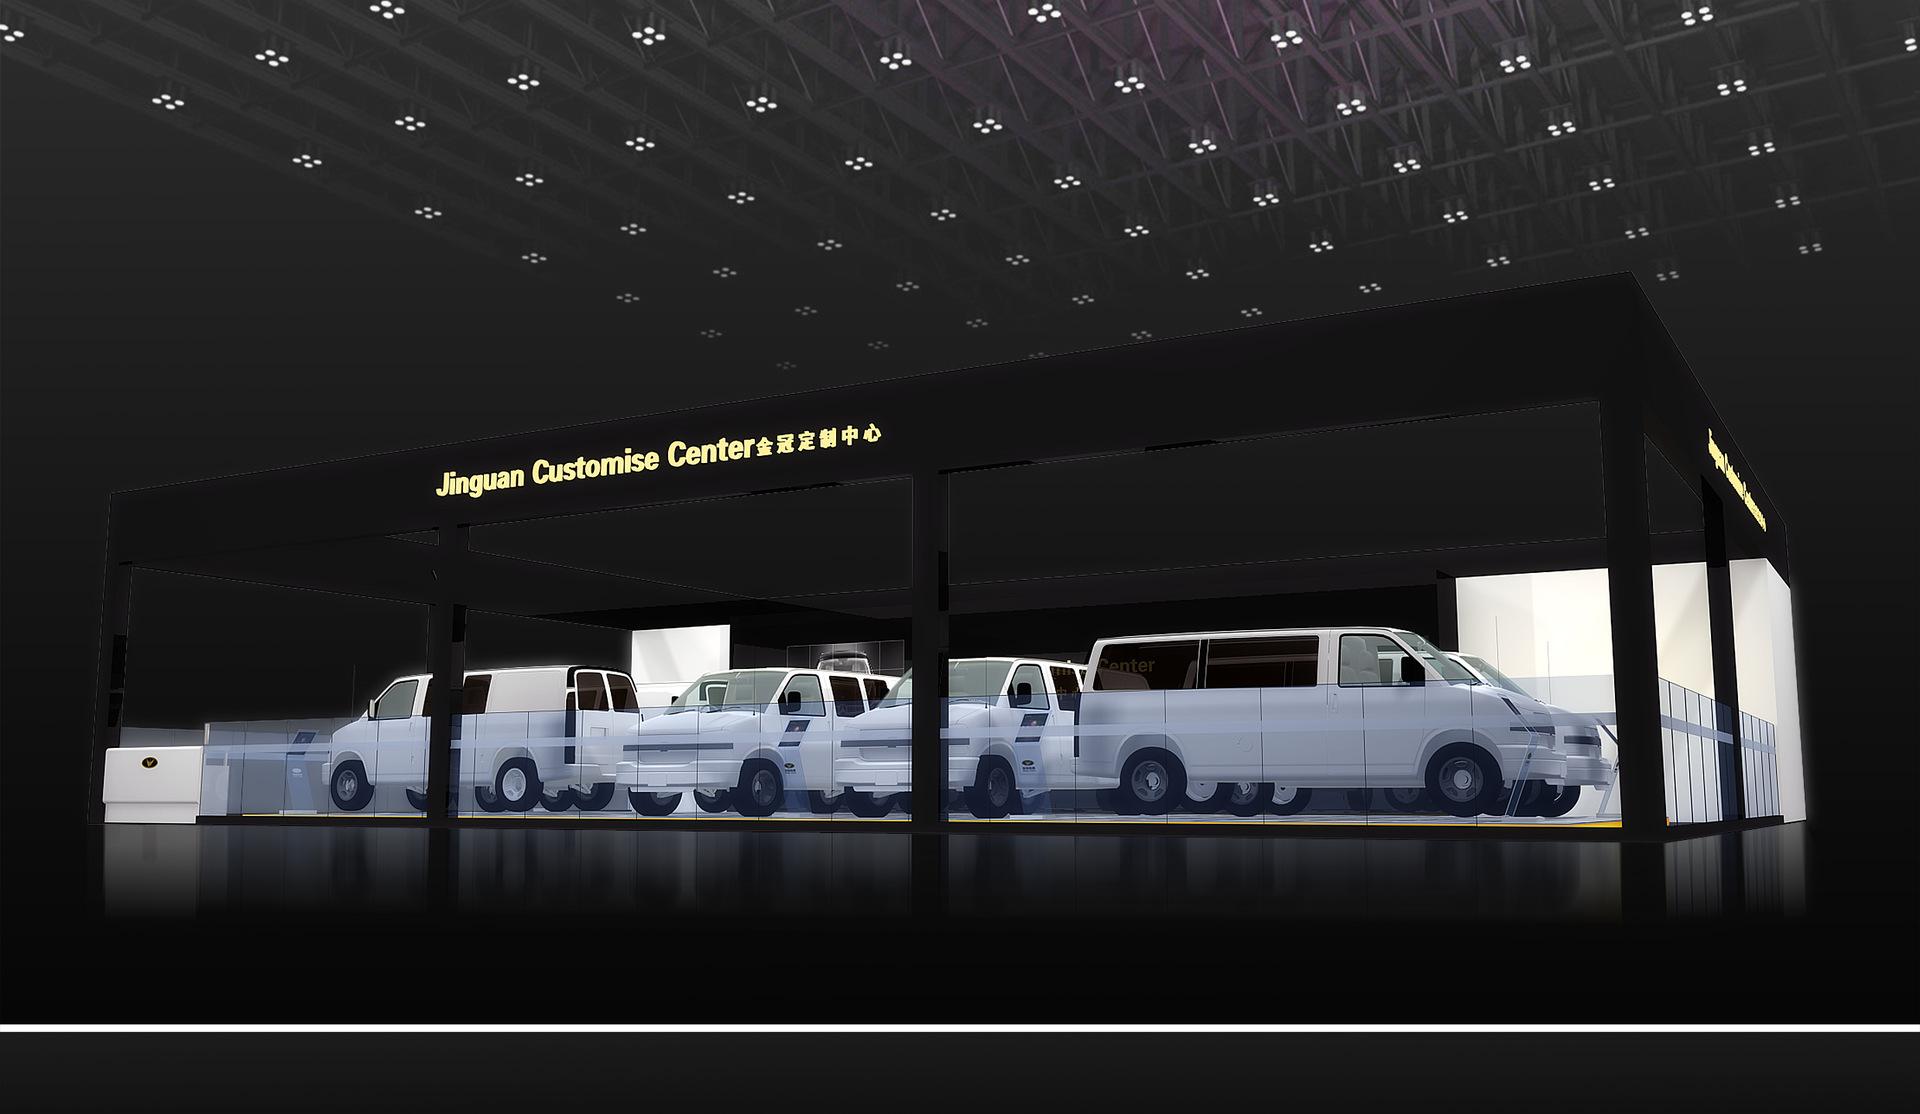 就找重庆润锦会展有限公司 黎文 提供专业出色的展位设计,精美的